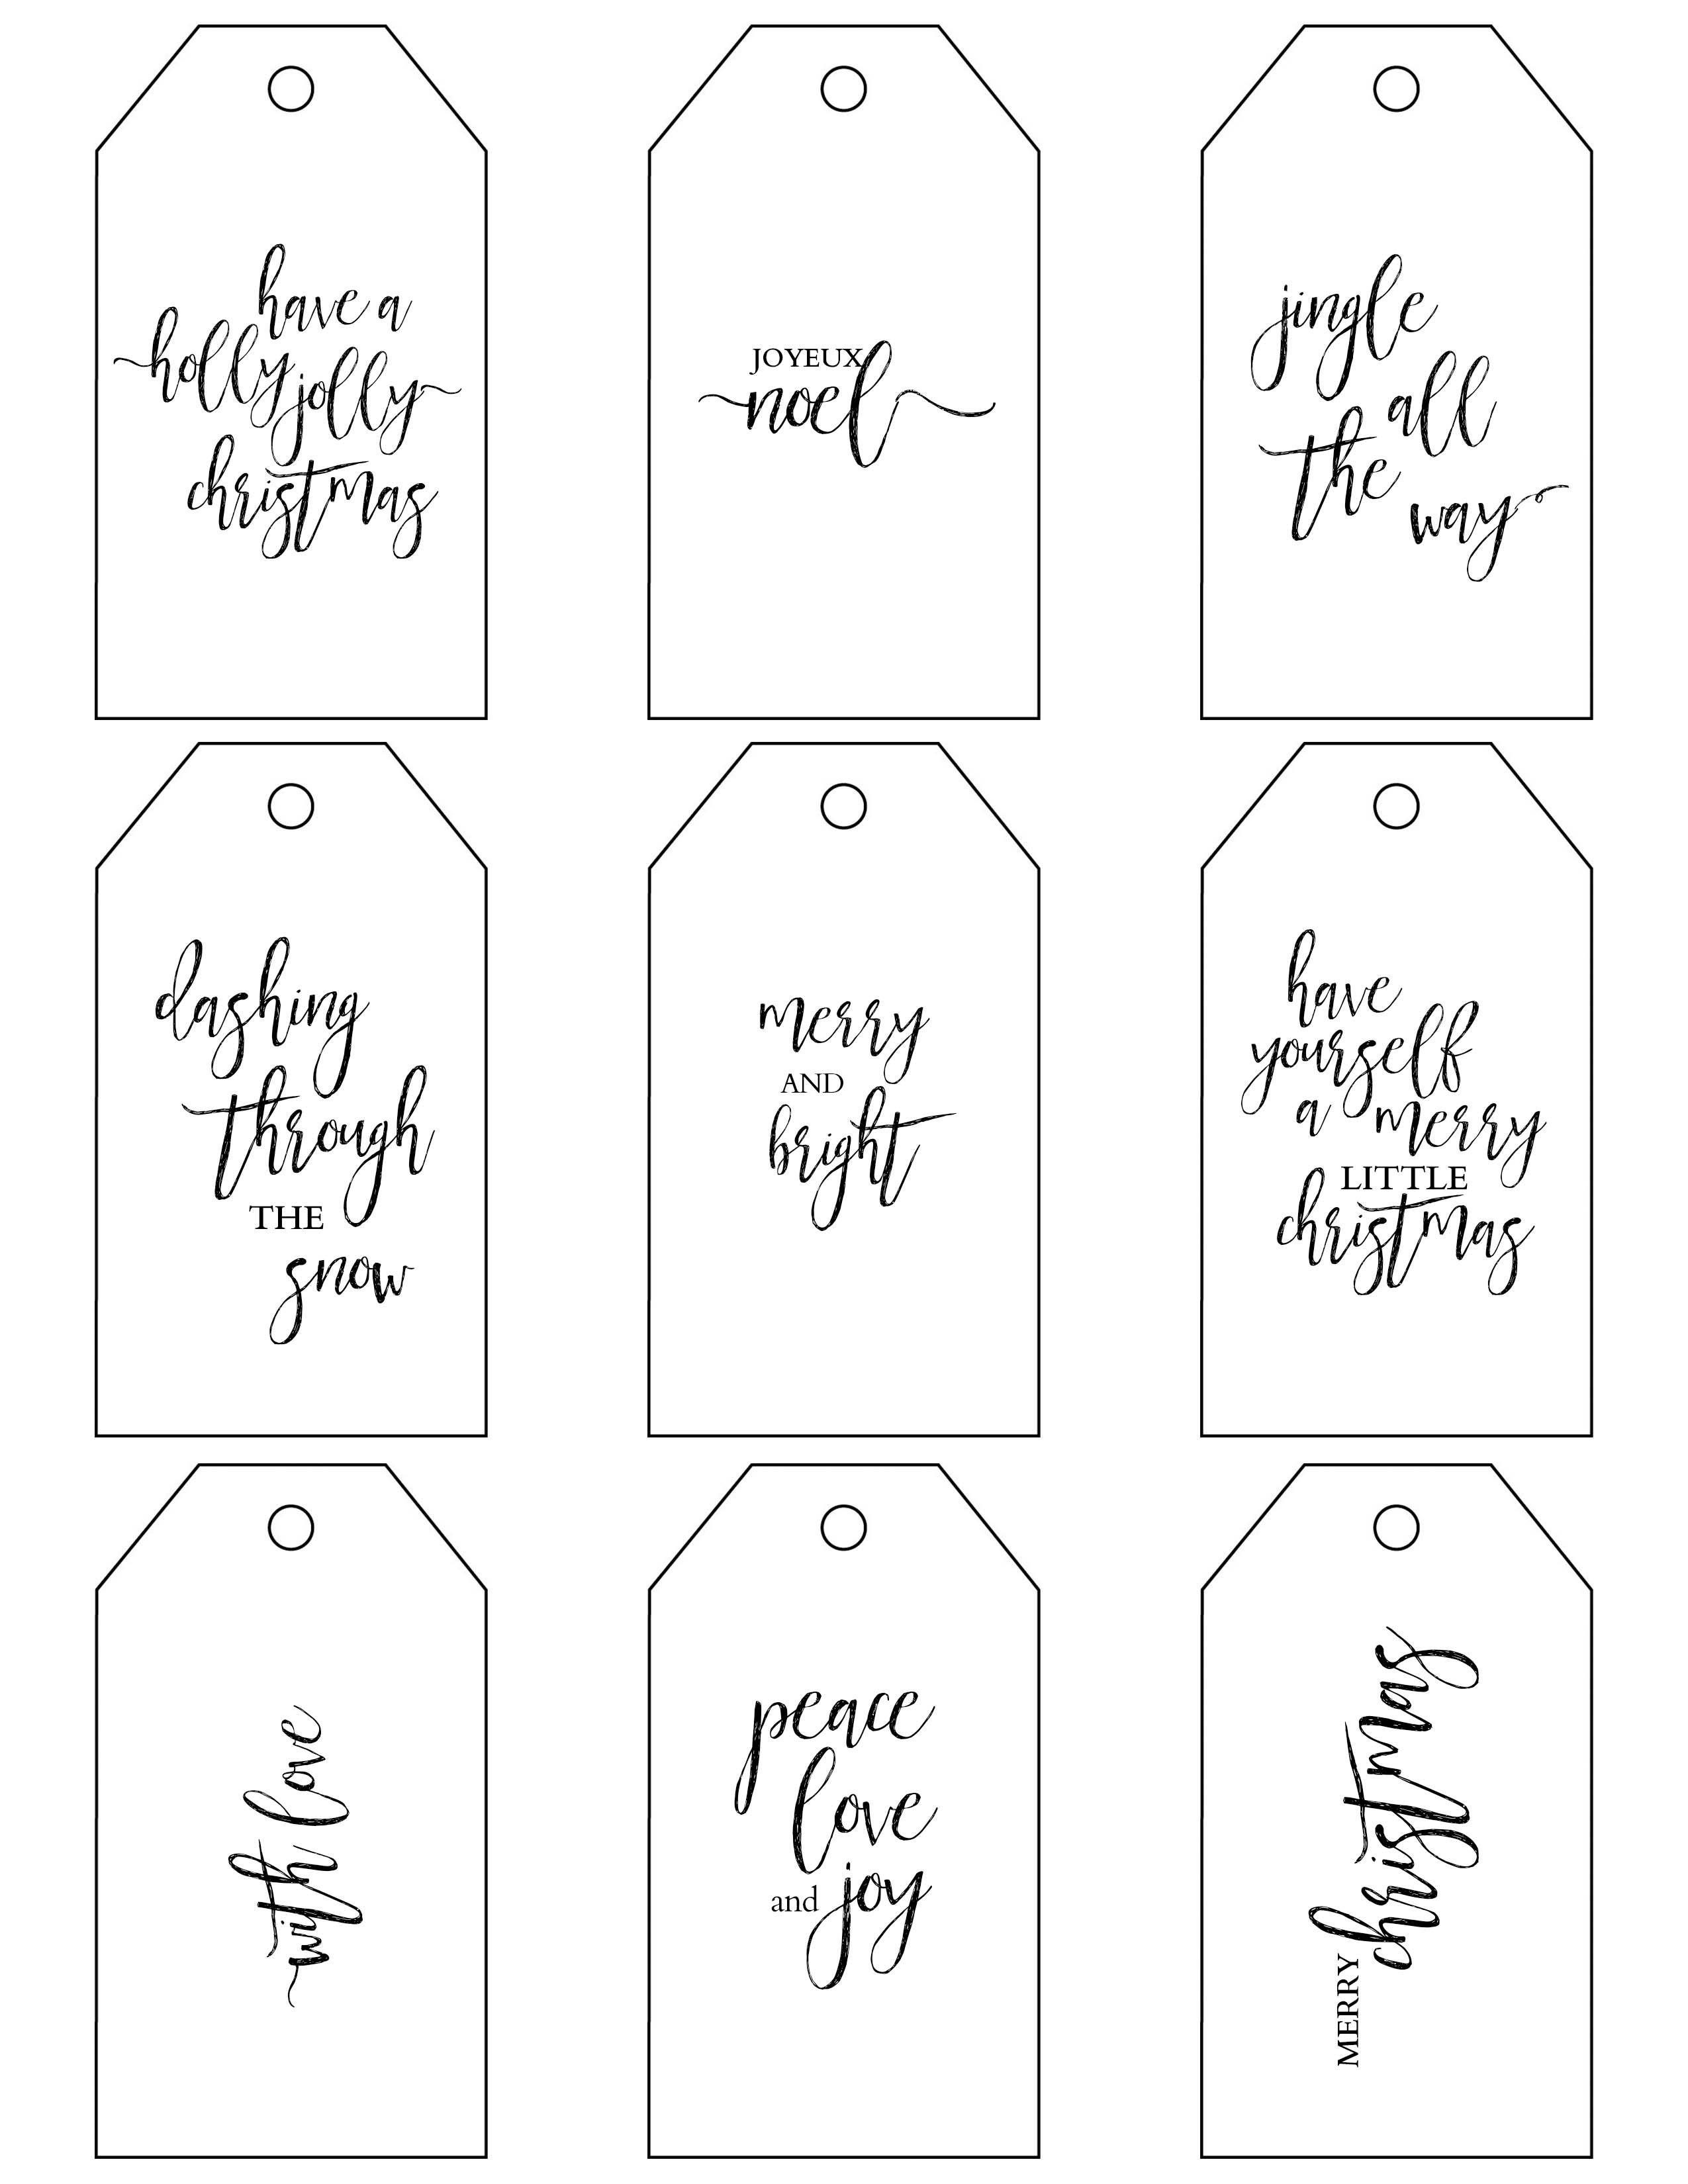 Printable Christmas Gift Tags Make Holiday Wrapping Simple - Free Online Gift Tags Printable